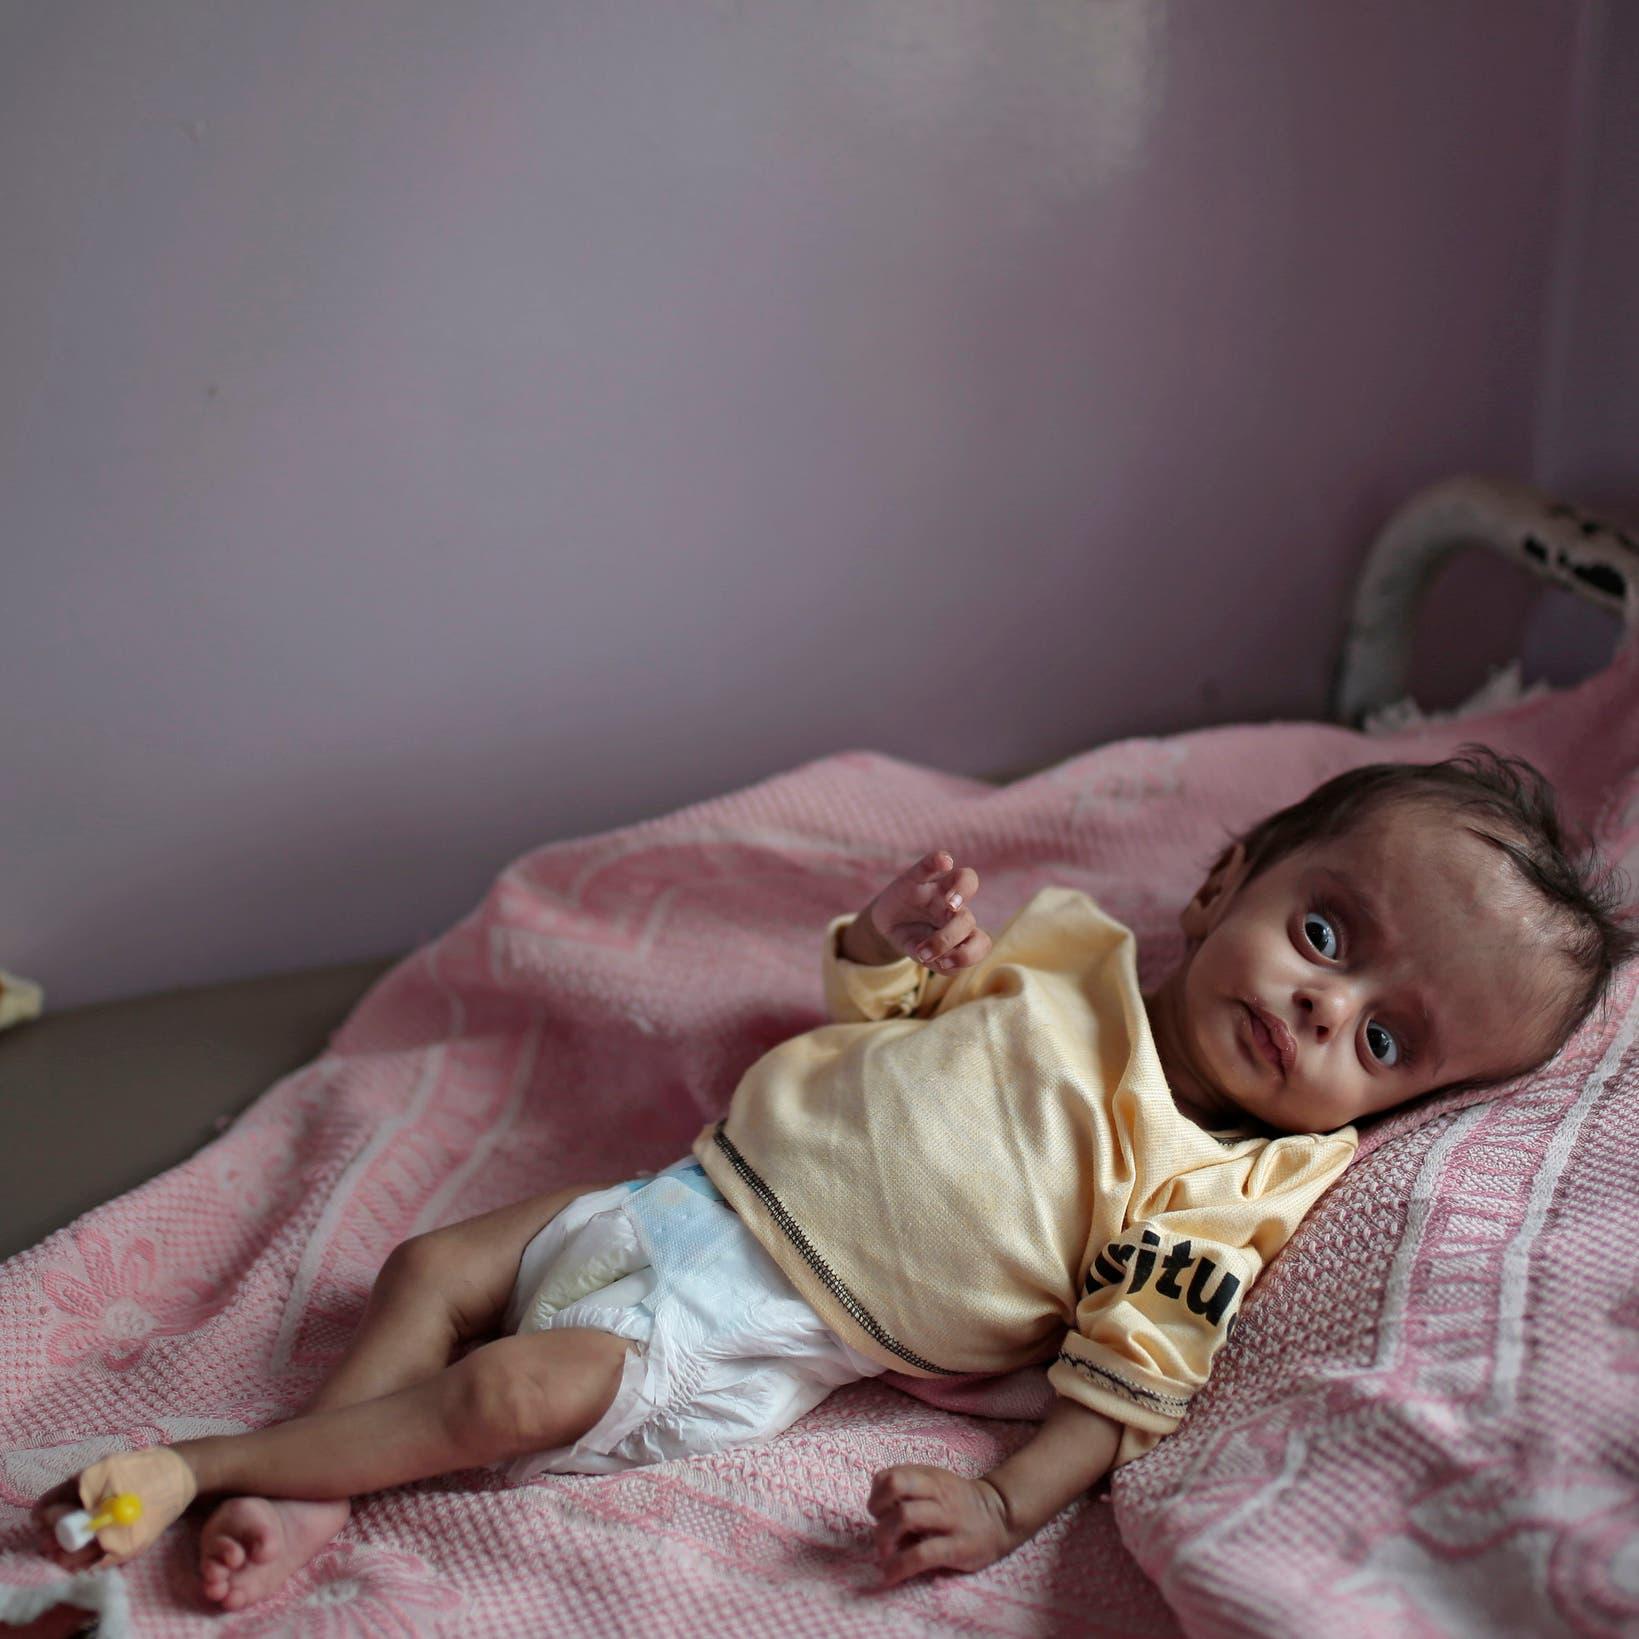 الجوع يلاحق أطفال اليمن مع قطع الأمم المتحدة برامج مساعدات